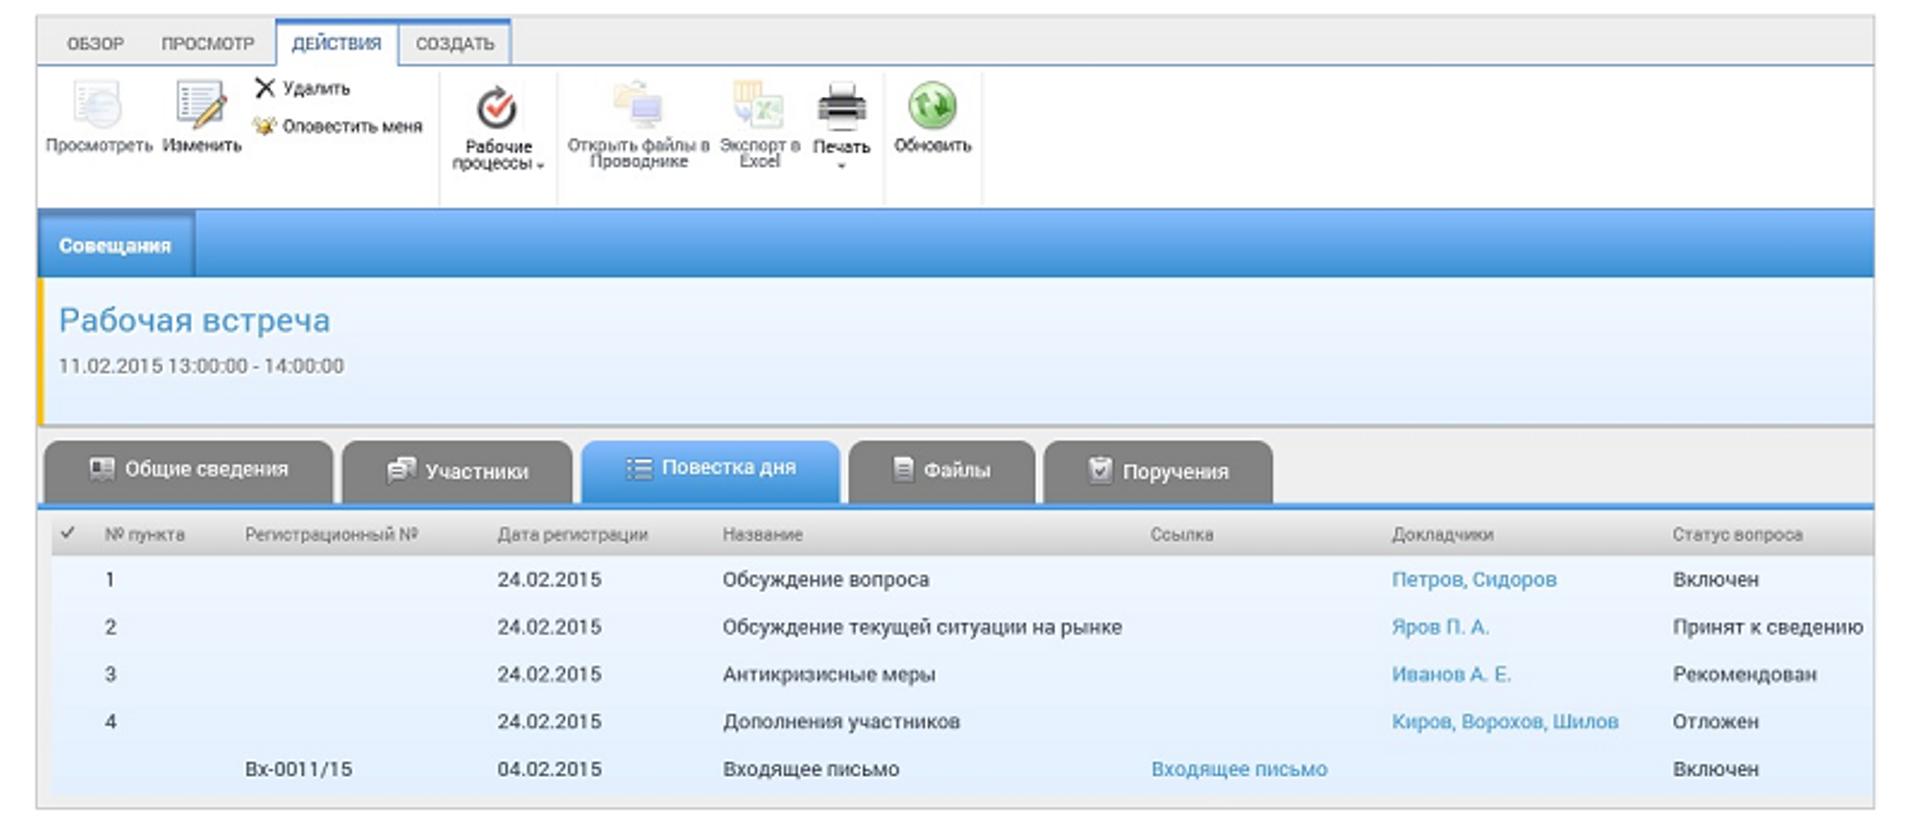 Обзор новой версии EOS for SharePoint 2013 - 4